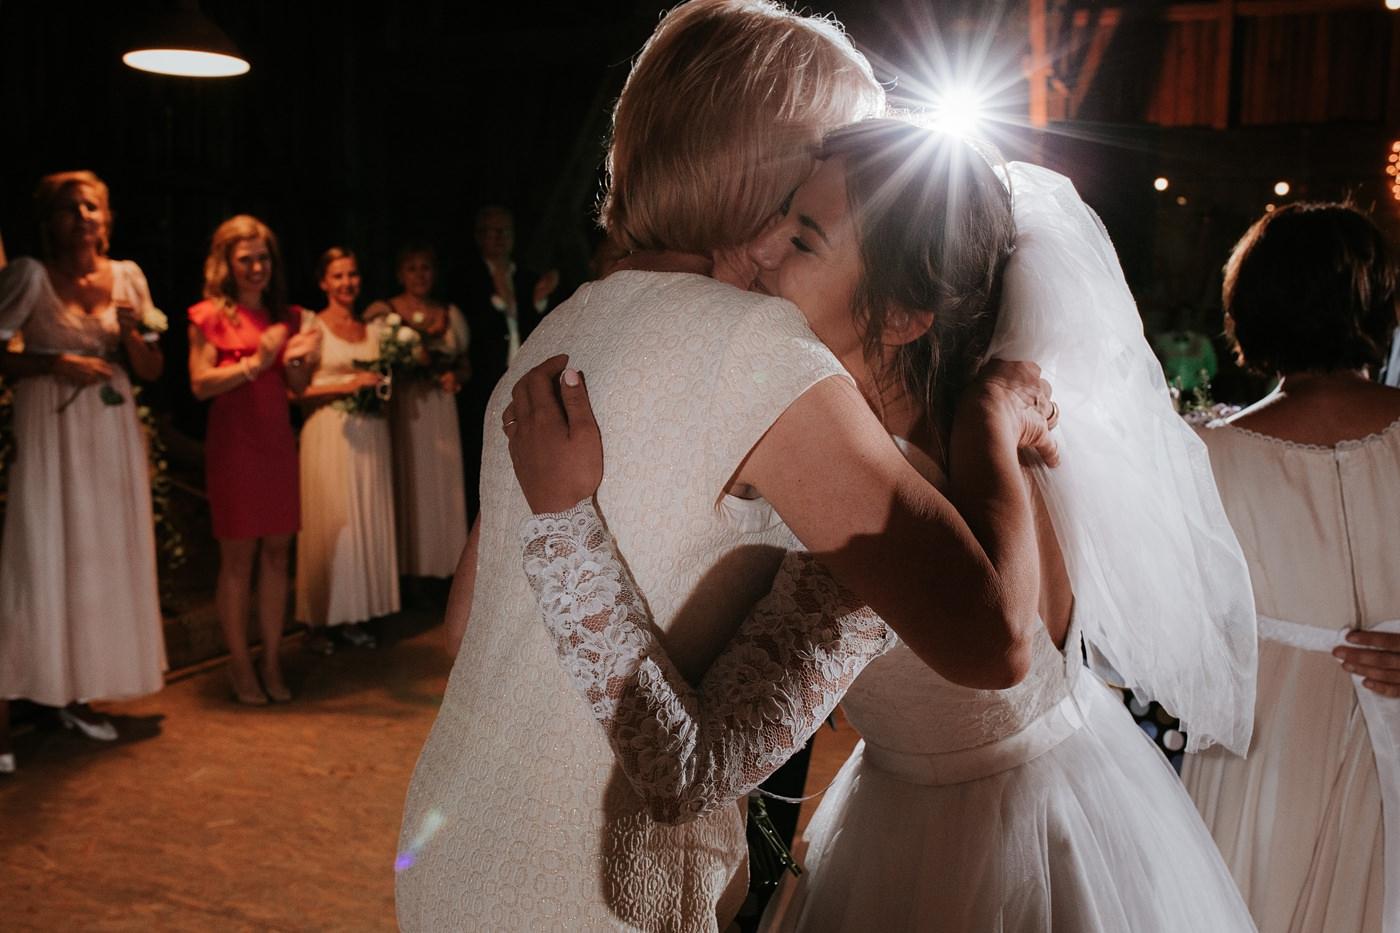 Dominika & Aleksander - Rustykalne wesele w stodole - Baborówko 121